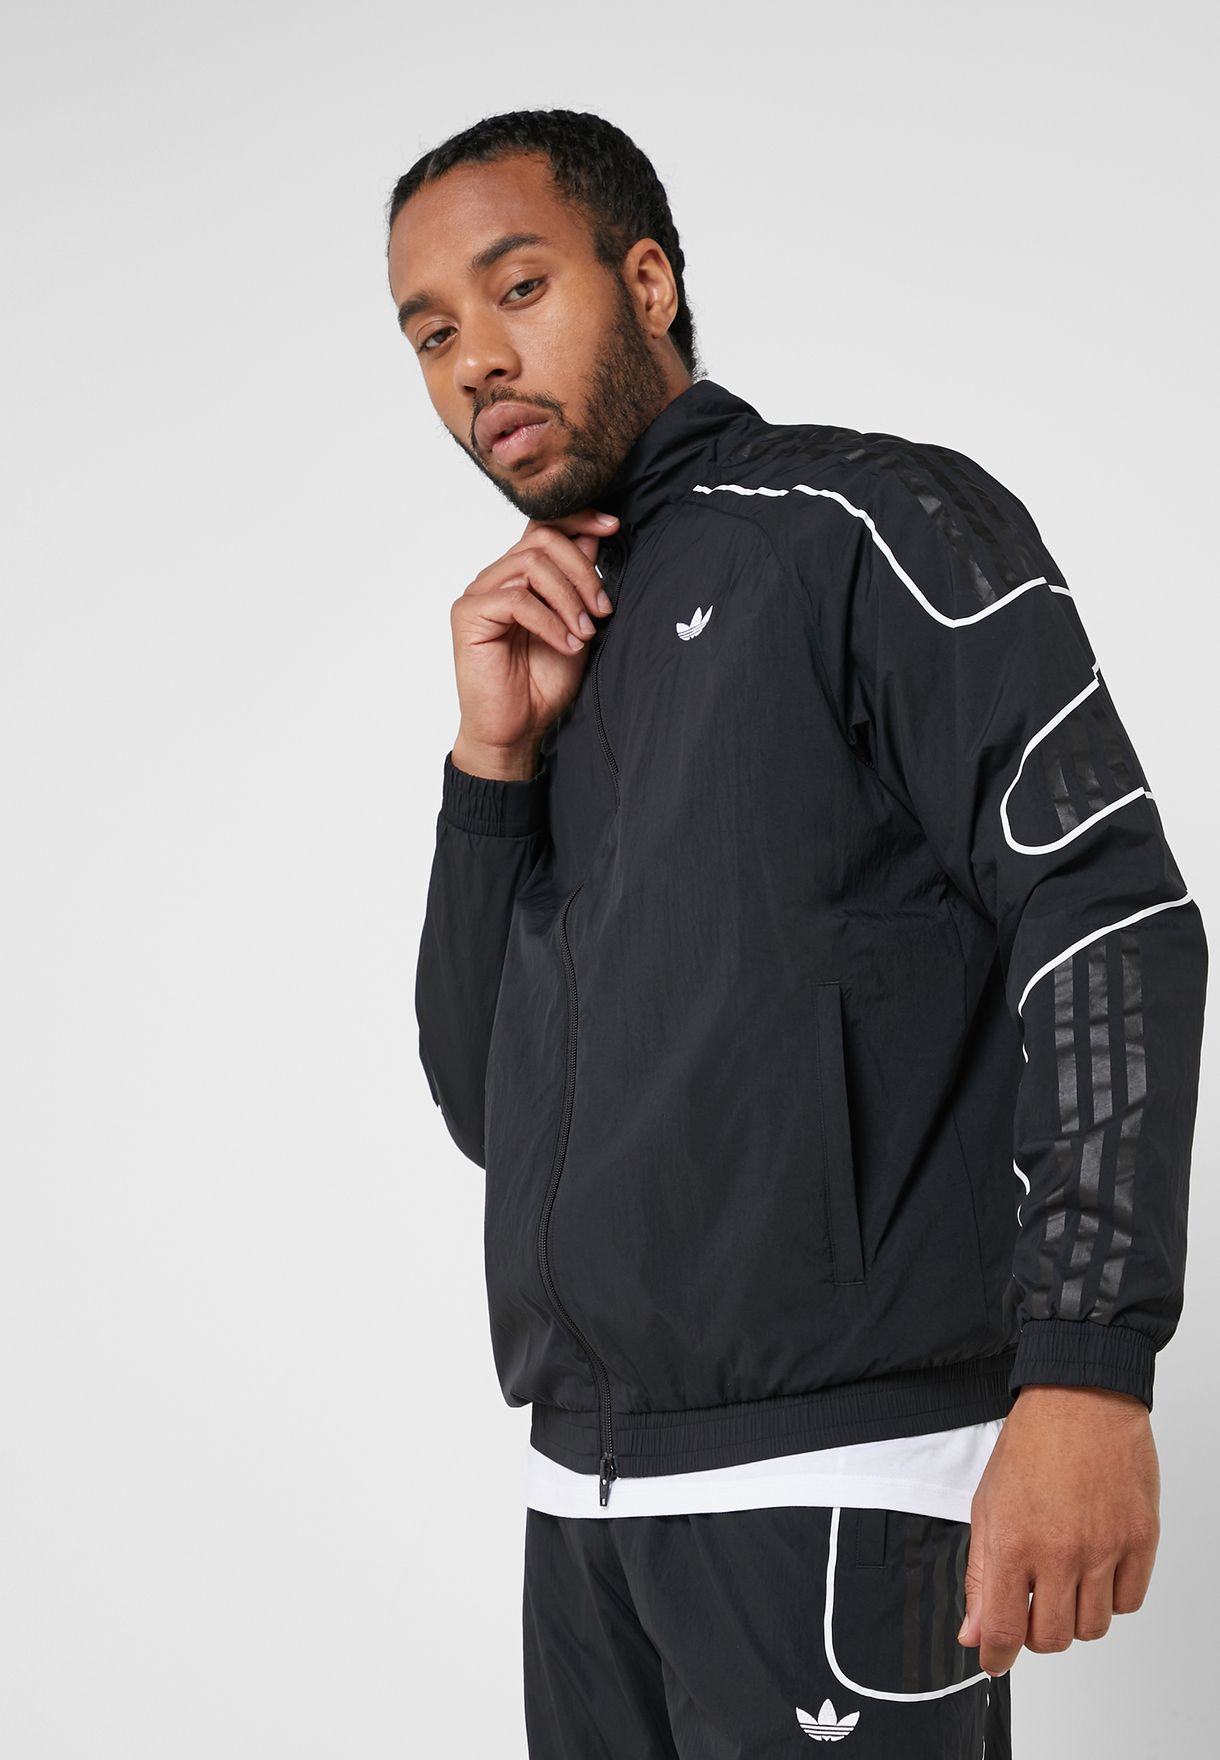 latest design speical offer buy popular Flamestrike Track Jacket